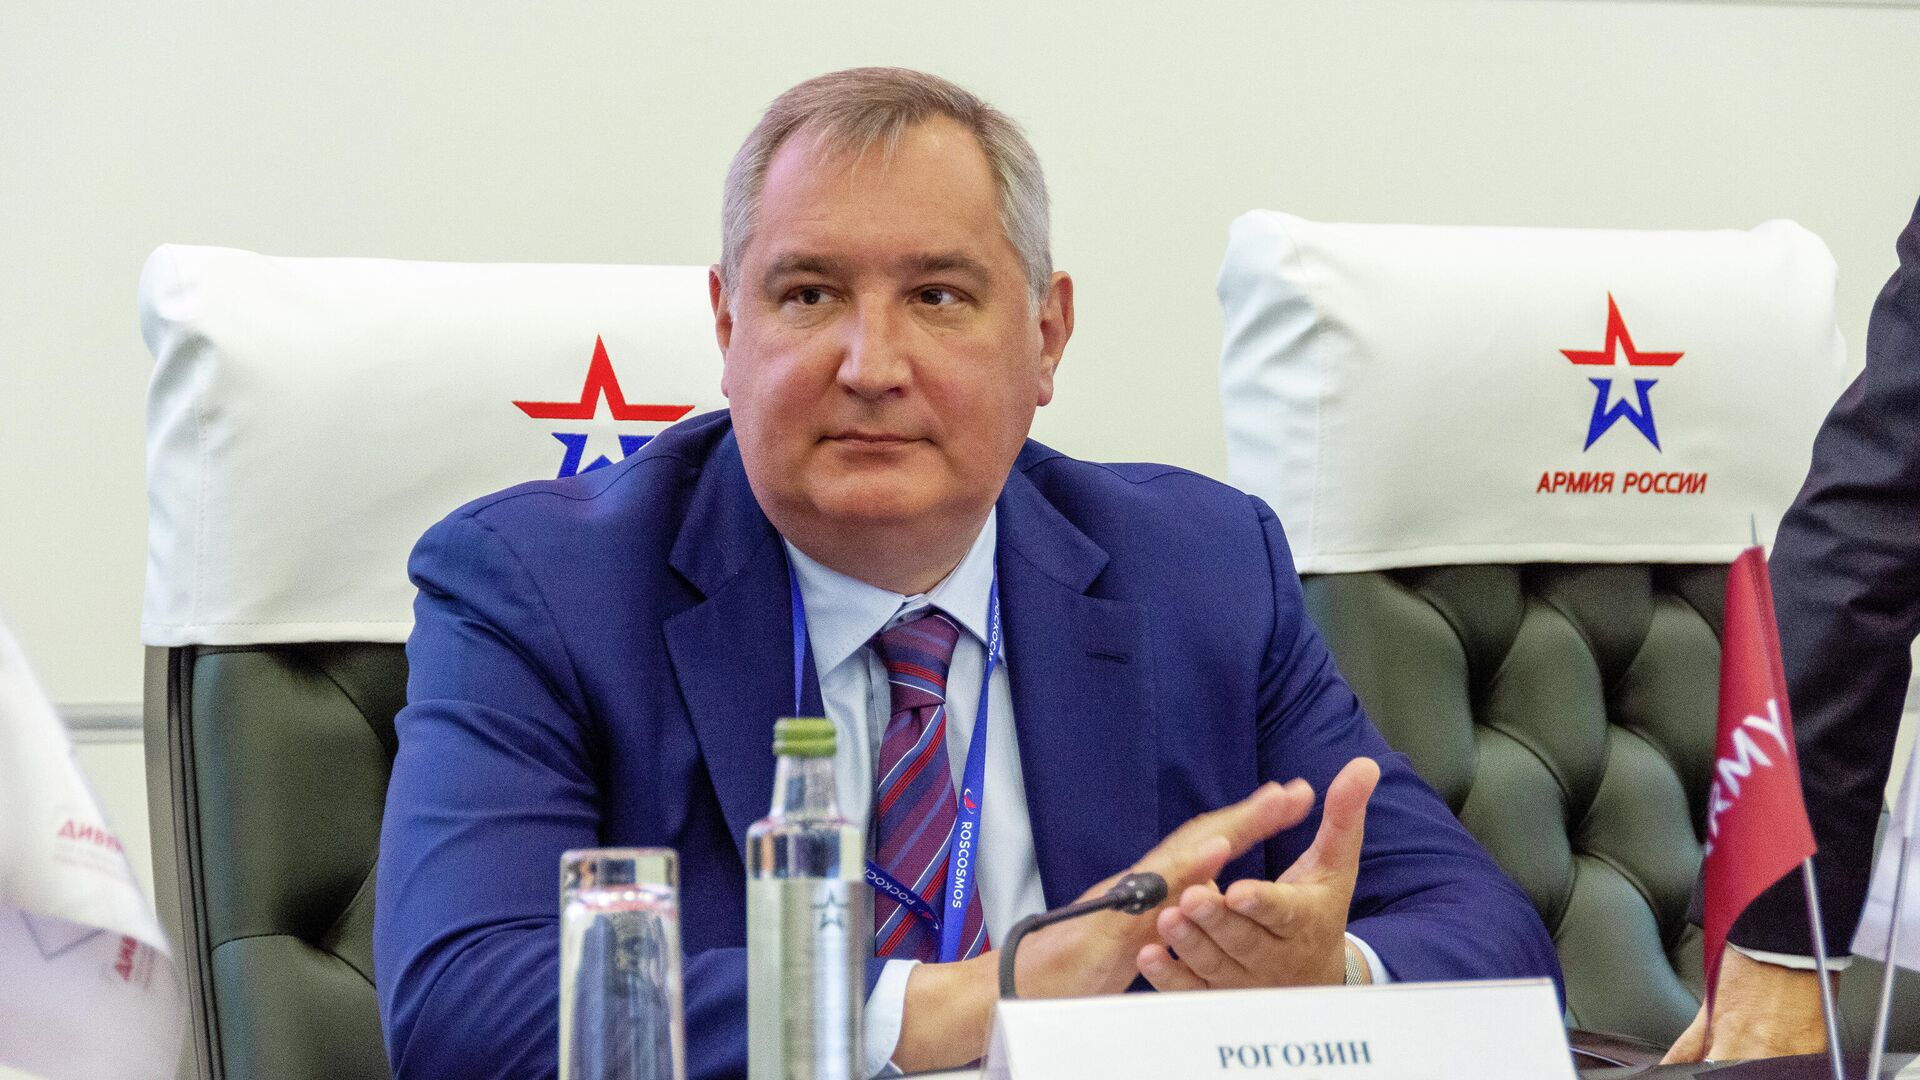 Рогозин рассказал о разработке ядерного буксира для дальнего космоса